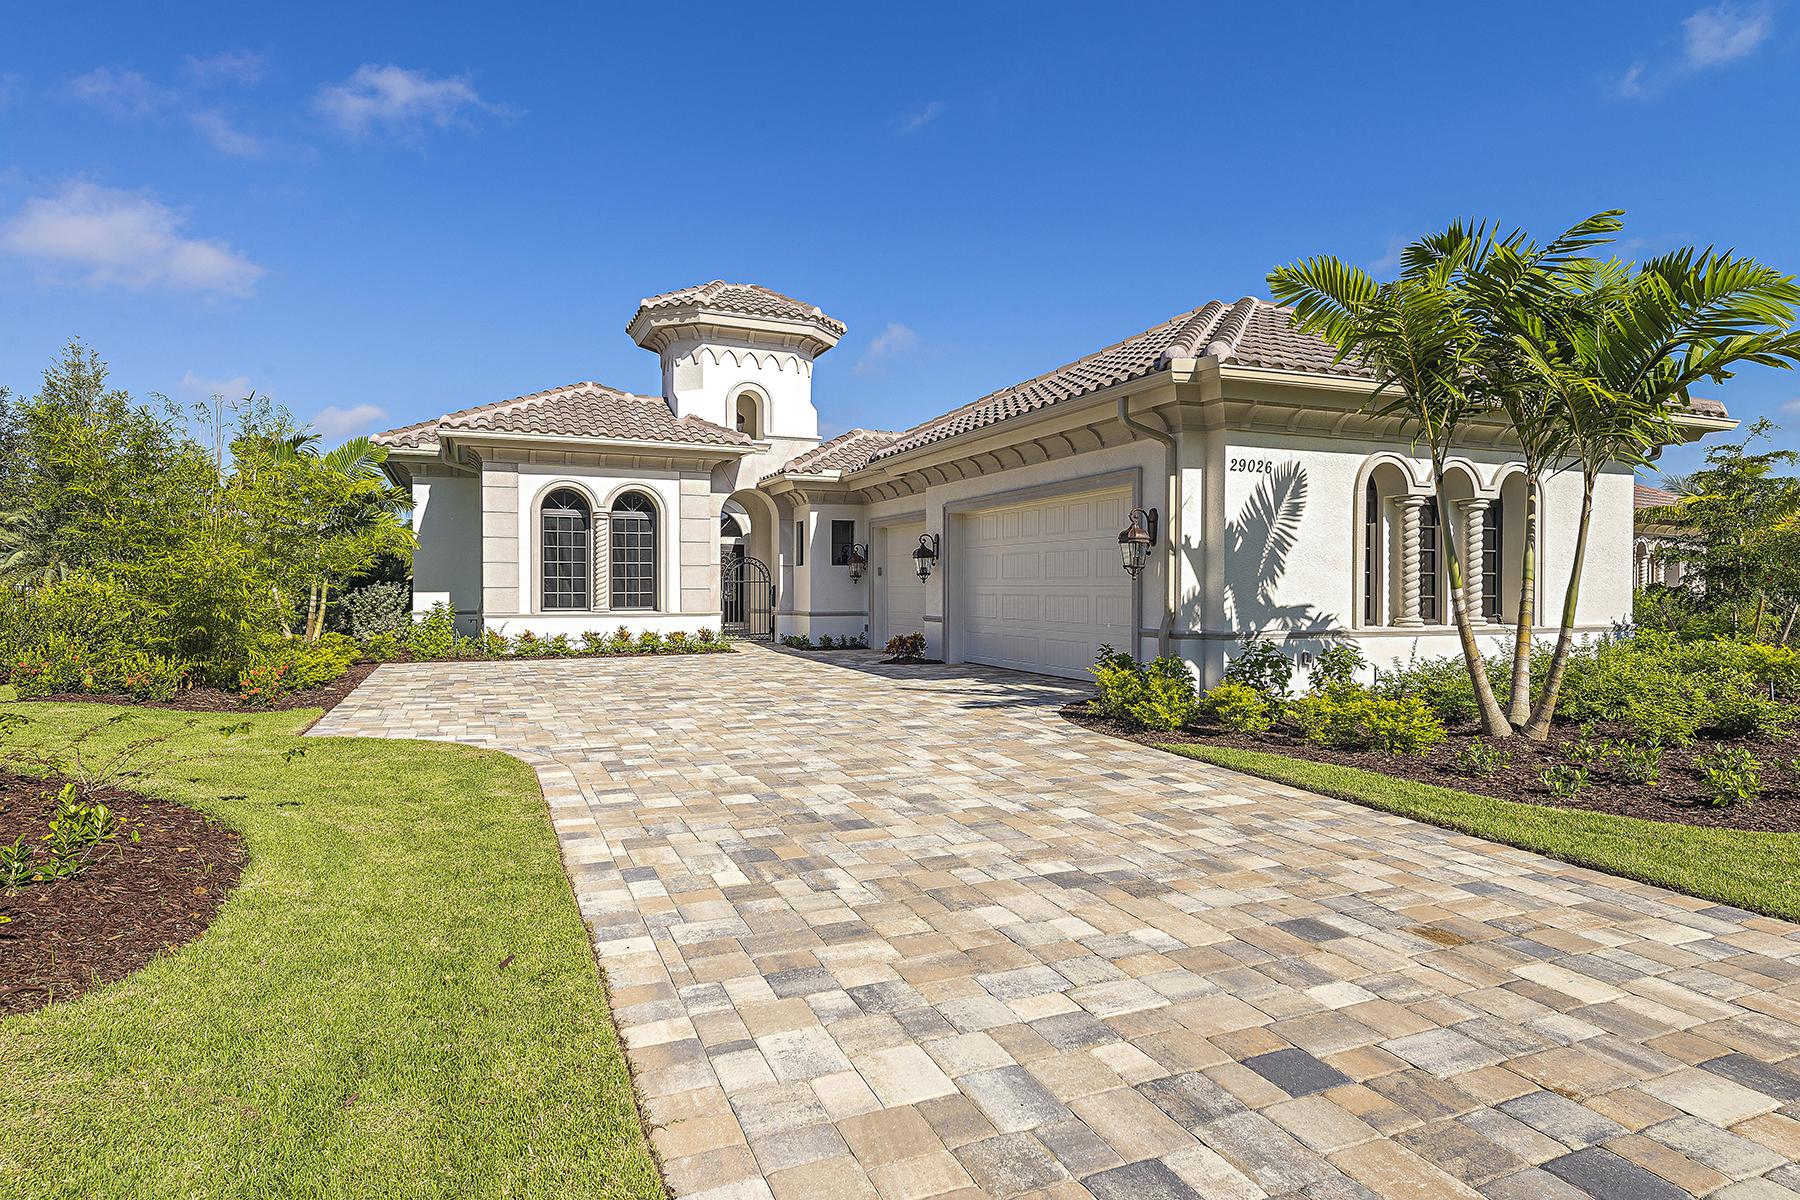 Maison unifamiliale pour l Vente à ESCALA - QUAIL WEST 29026 Blaisdell Dr Naples, Florida 34119 États-Unis